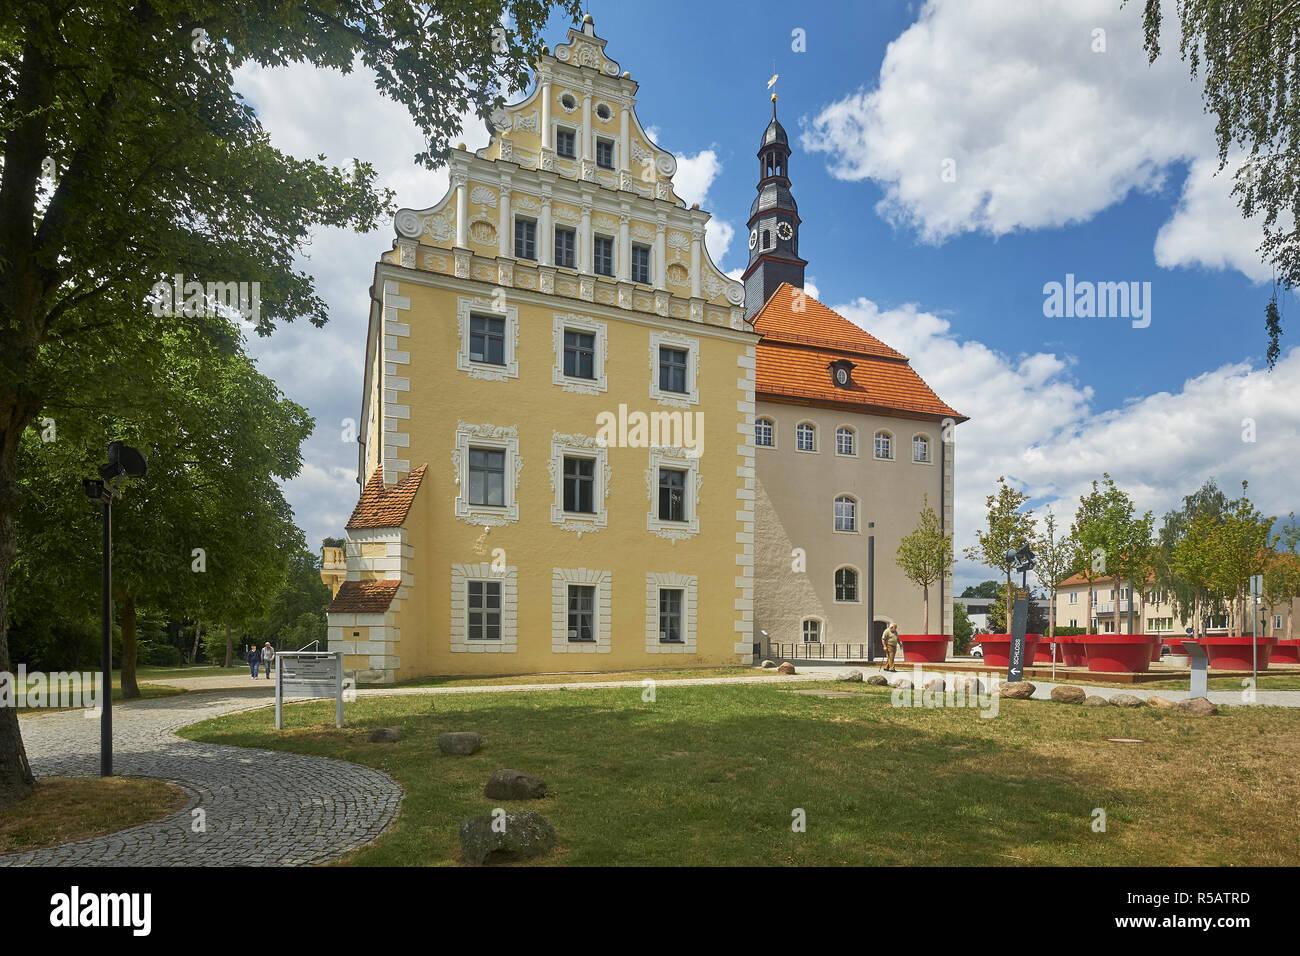 Castillo en Lübben / Spreewald, Brandenburgo, Alemania Foto de stock